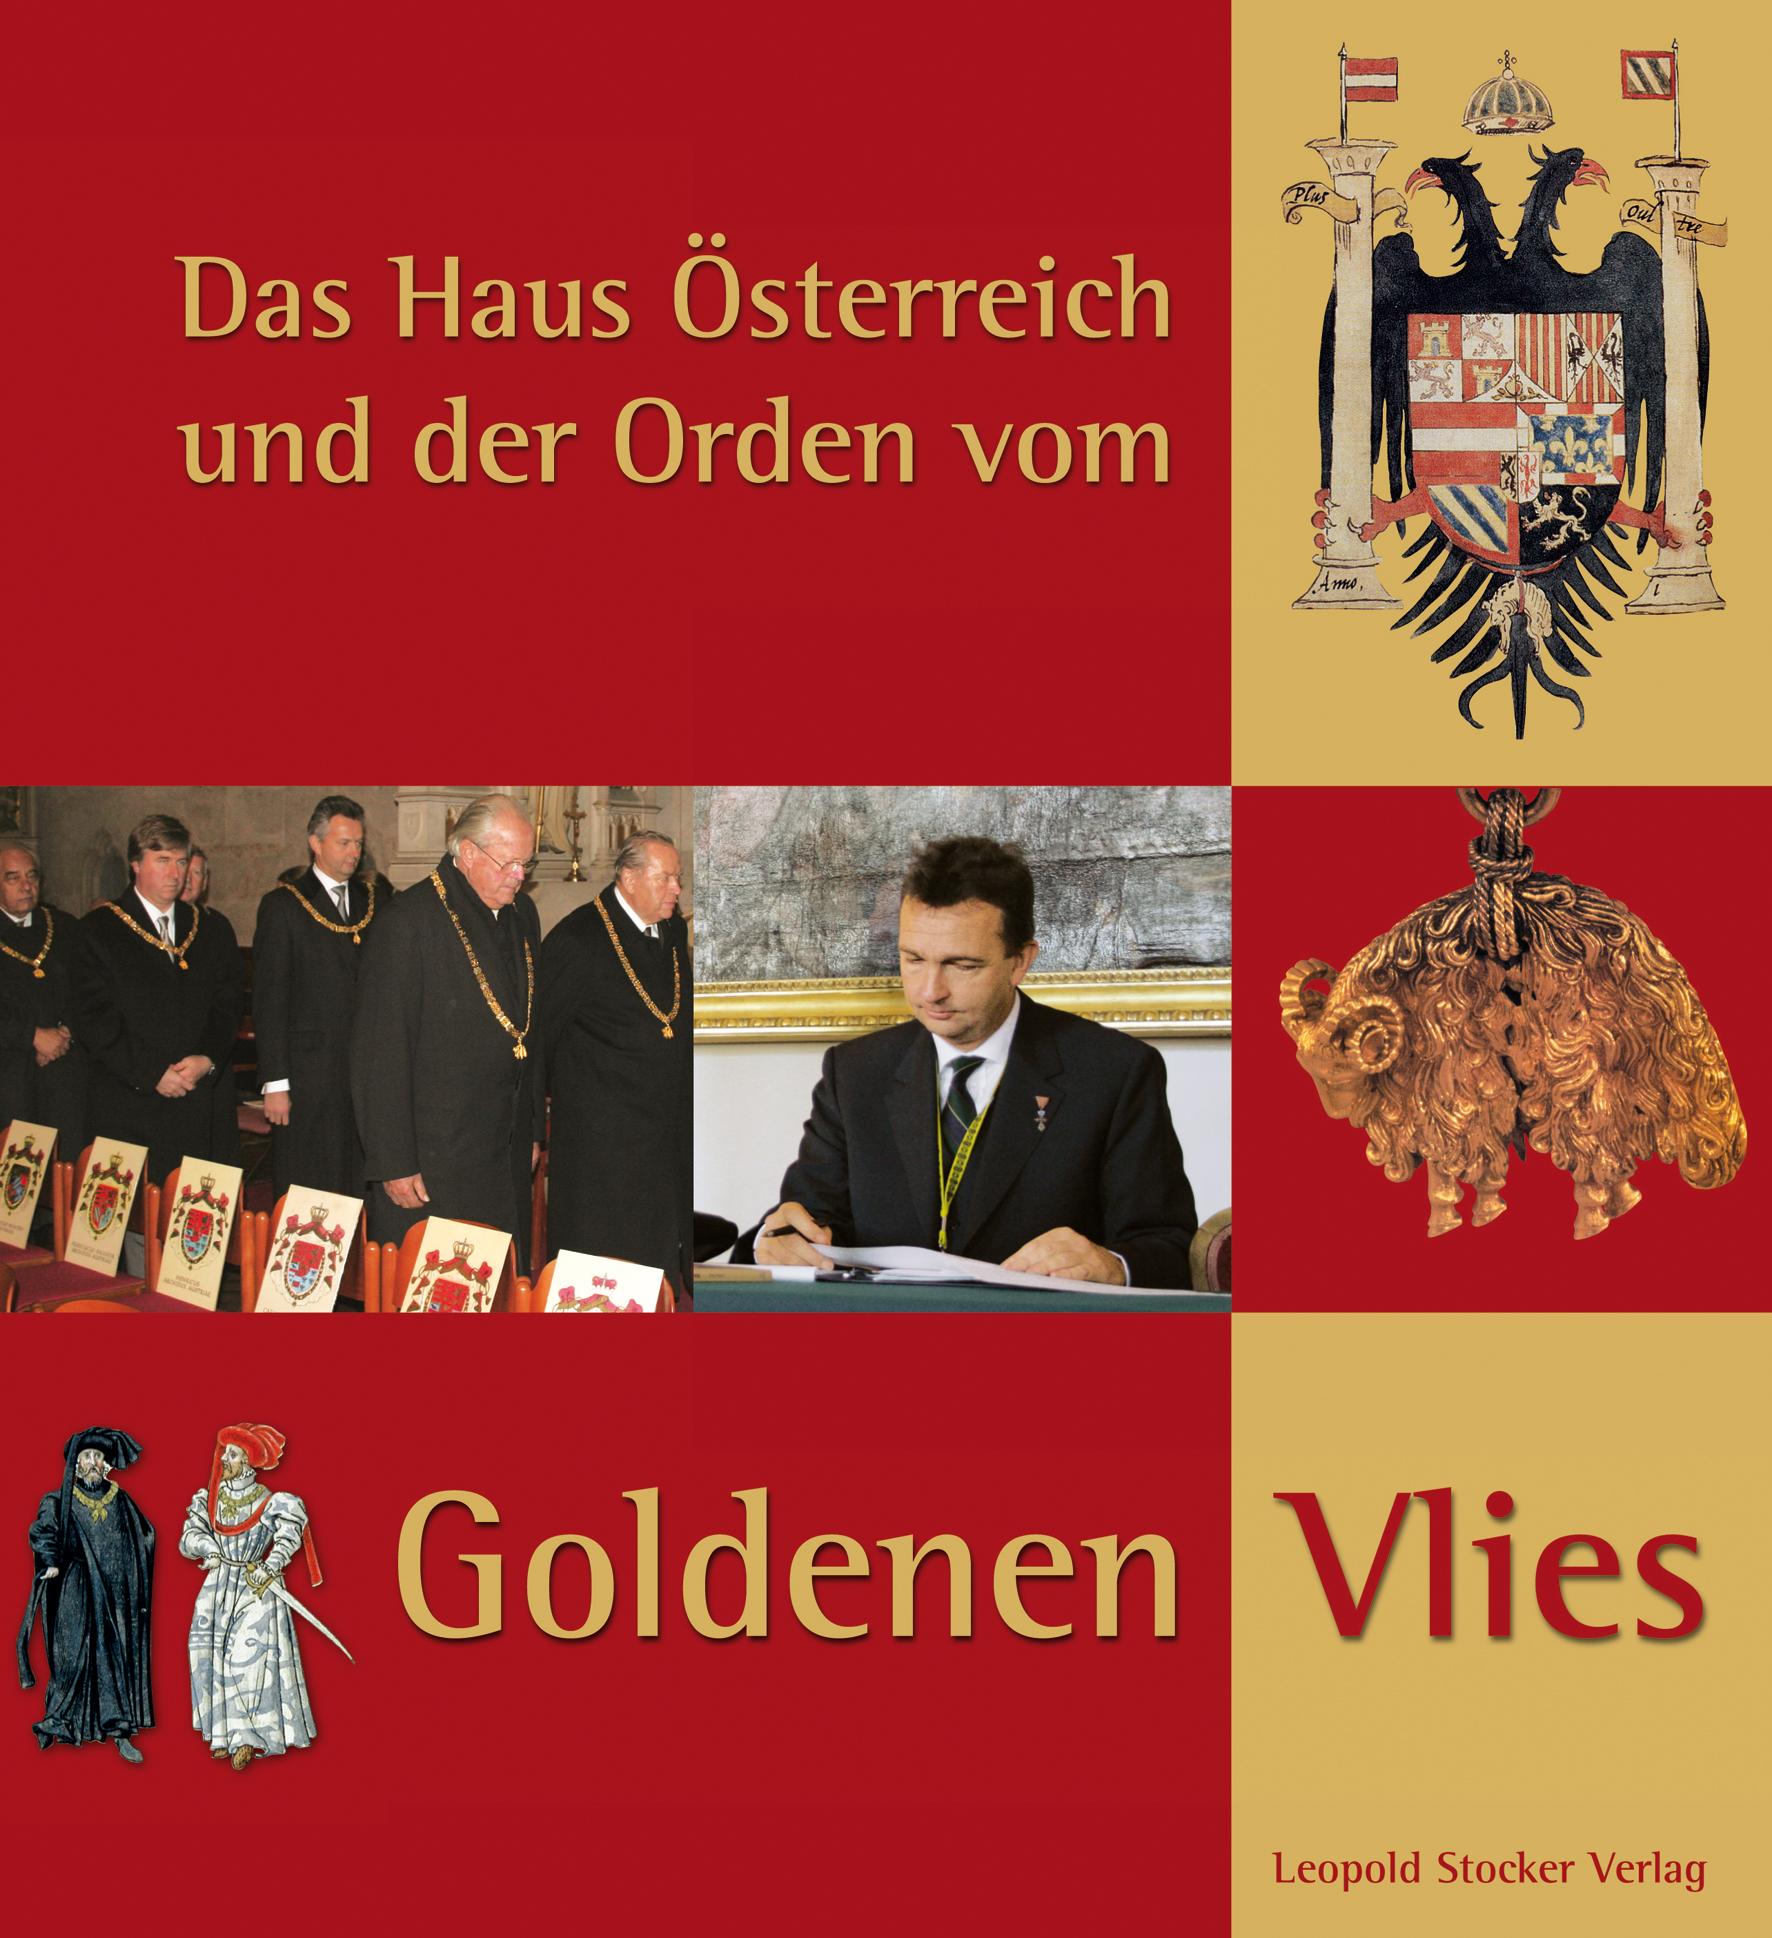 Das Haus Österreich und der Orden vom Goldenen Vlies